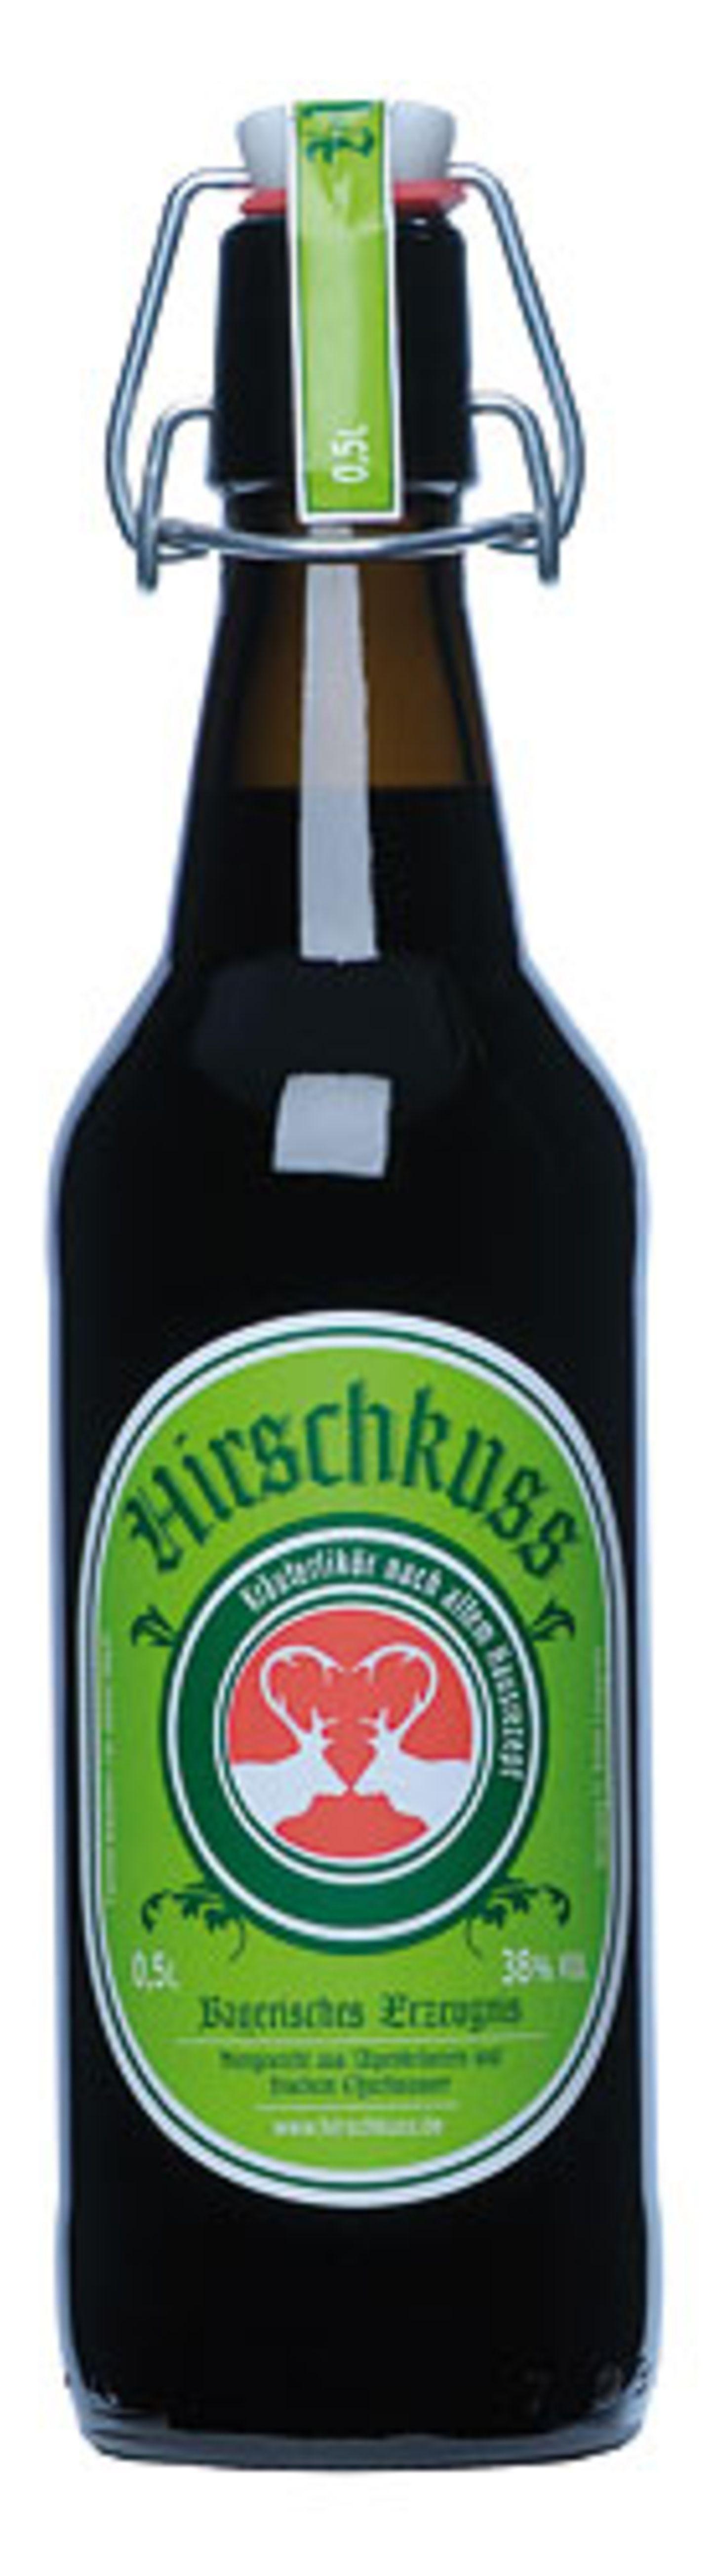 Hirschkuss